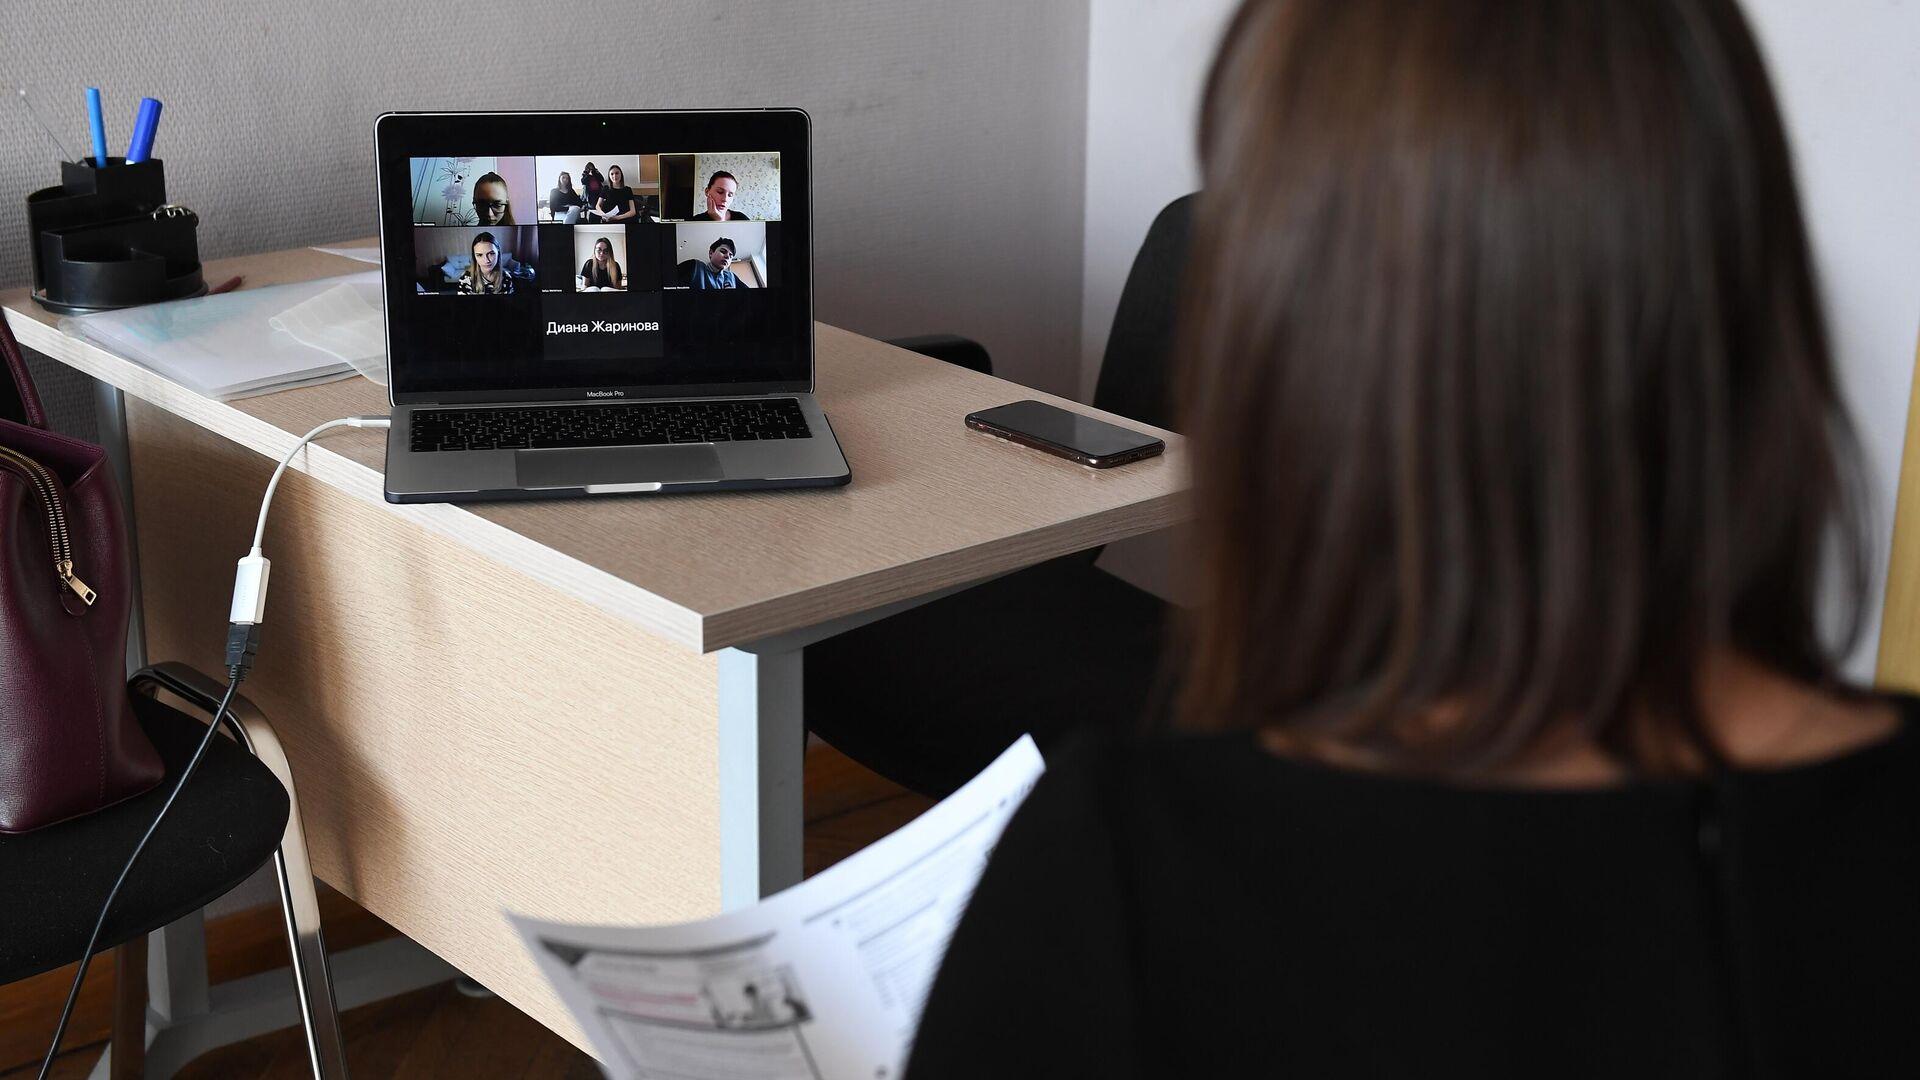 Преподаватель проводит онлайн урок в учебном классе Национального исследовательского технологического университета МИСиС - РИА Новости, 1920, 19.11.2020